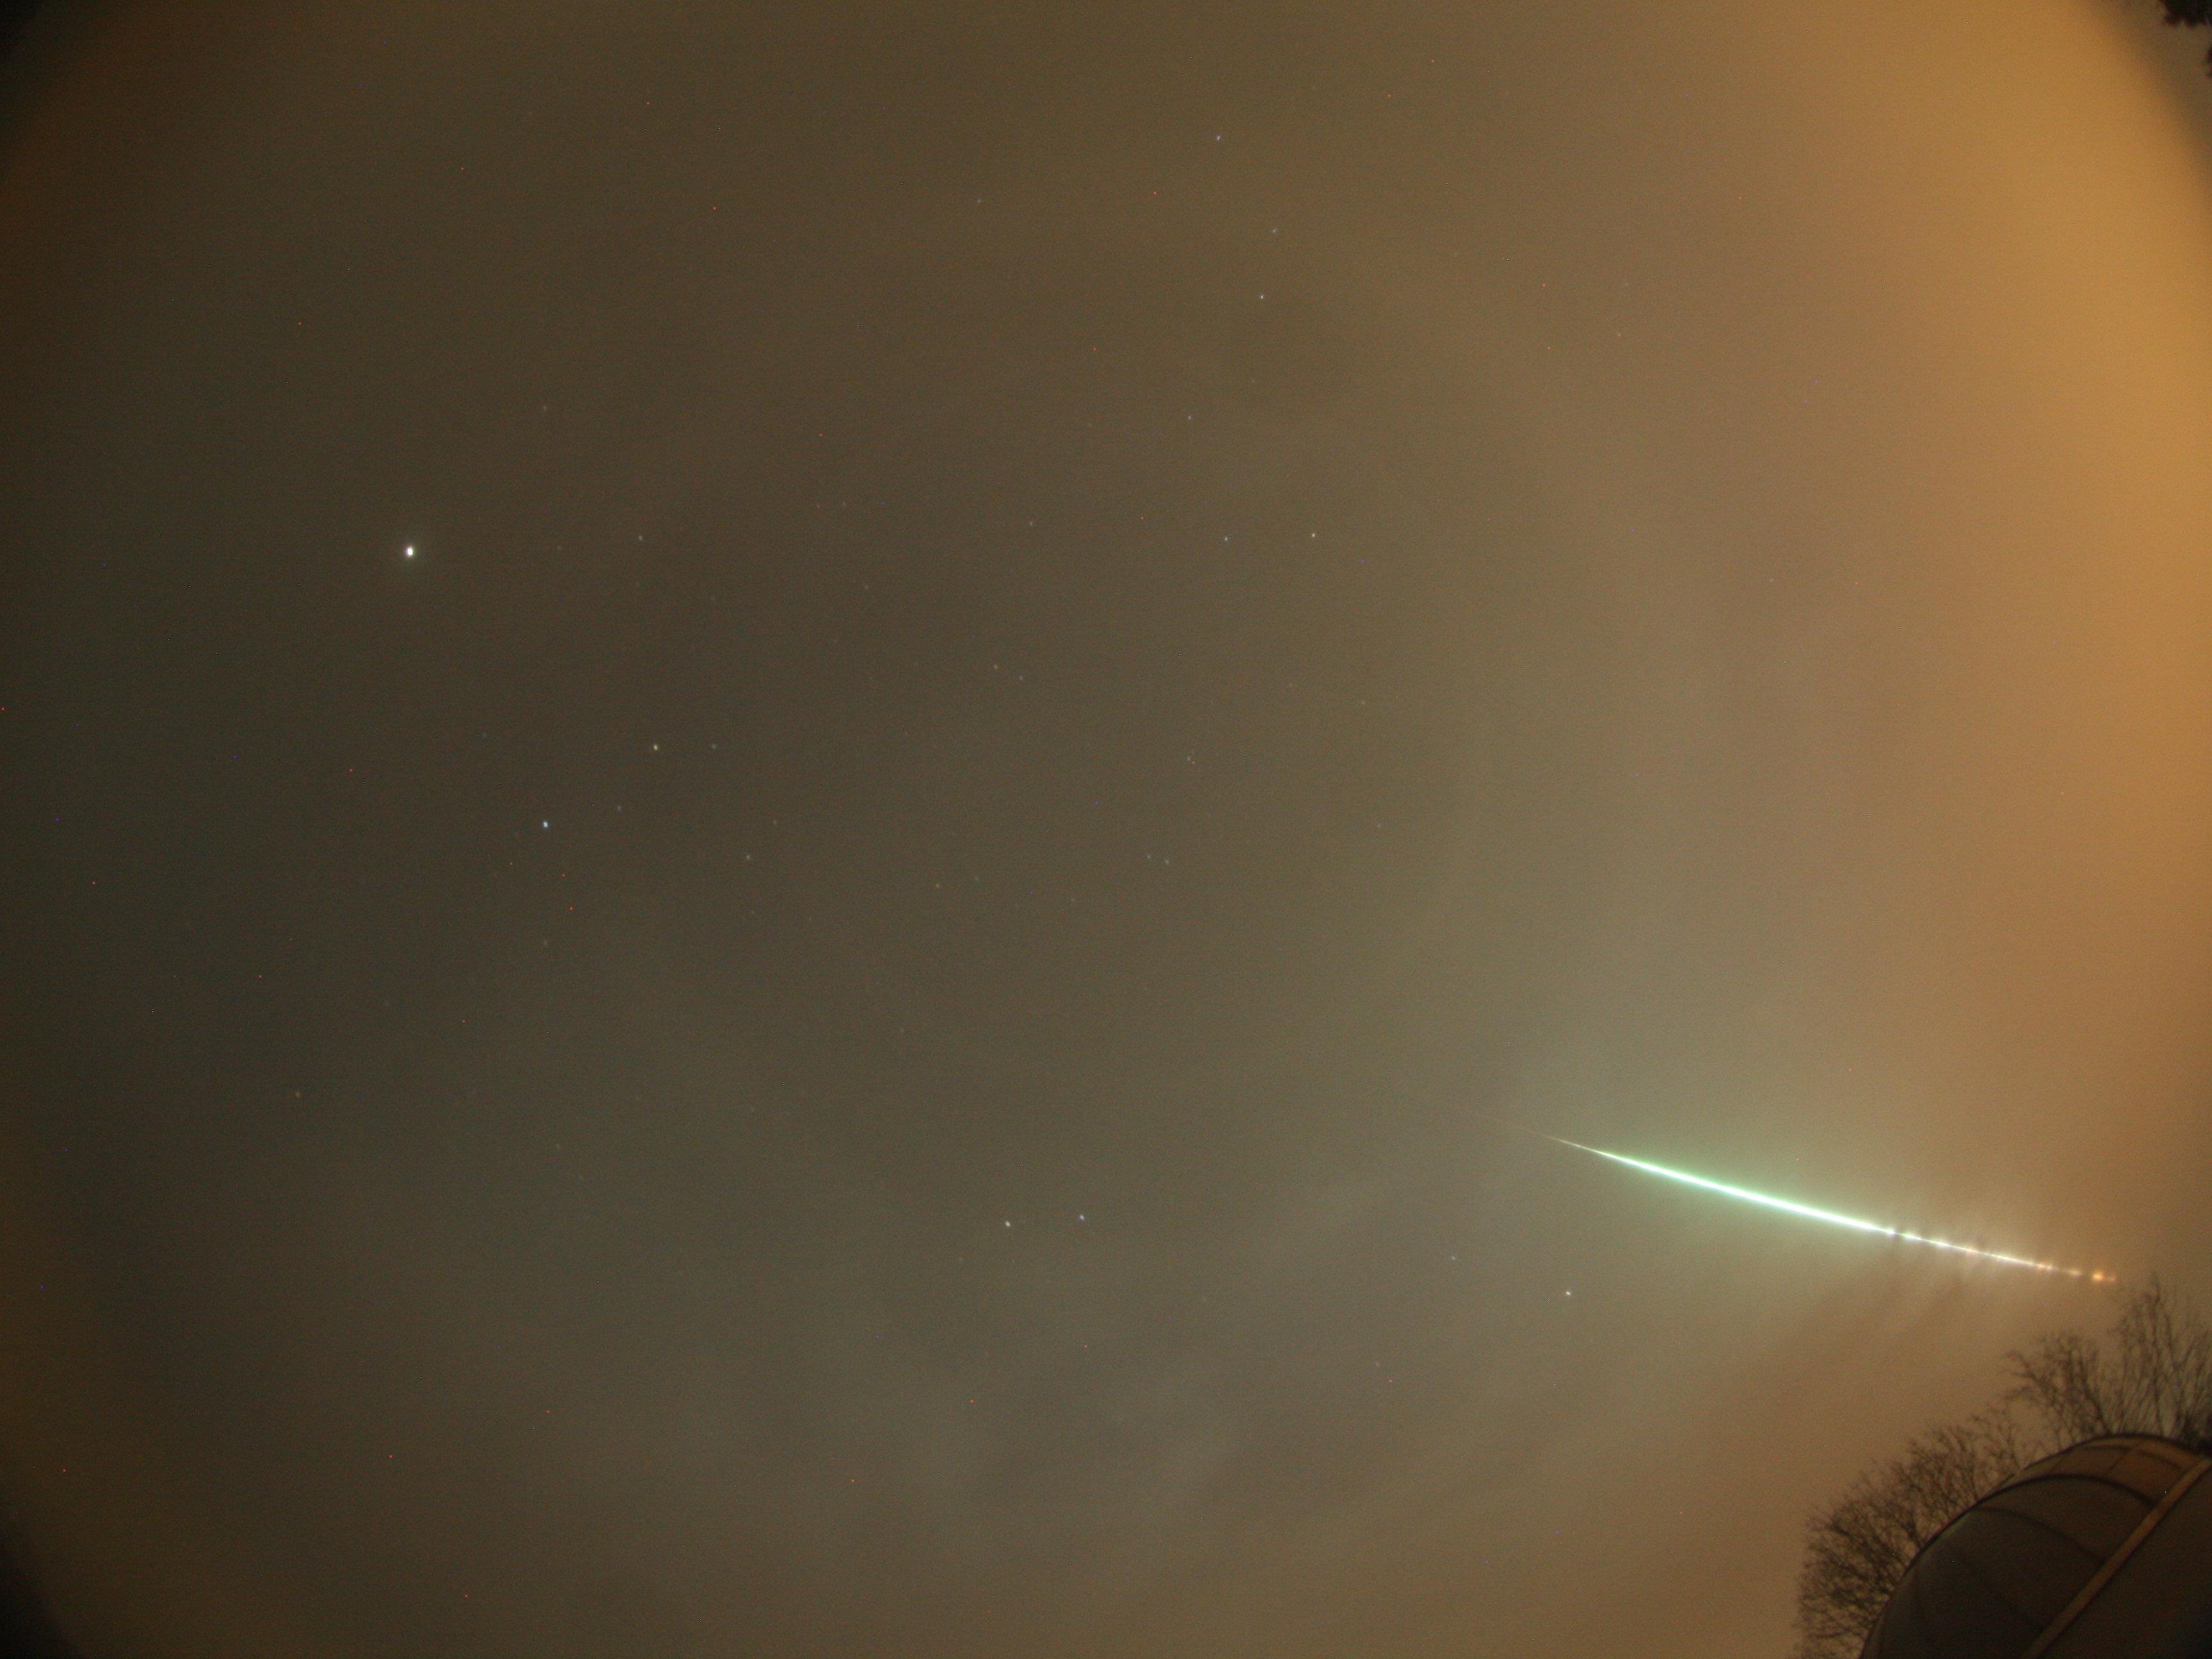 Eine besonders helle Sternschnuppe hat in der Nacht zum Montag, 7. März 2016, in Süddeutschland für Aufsehen gesorgt.